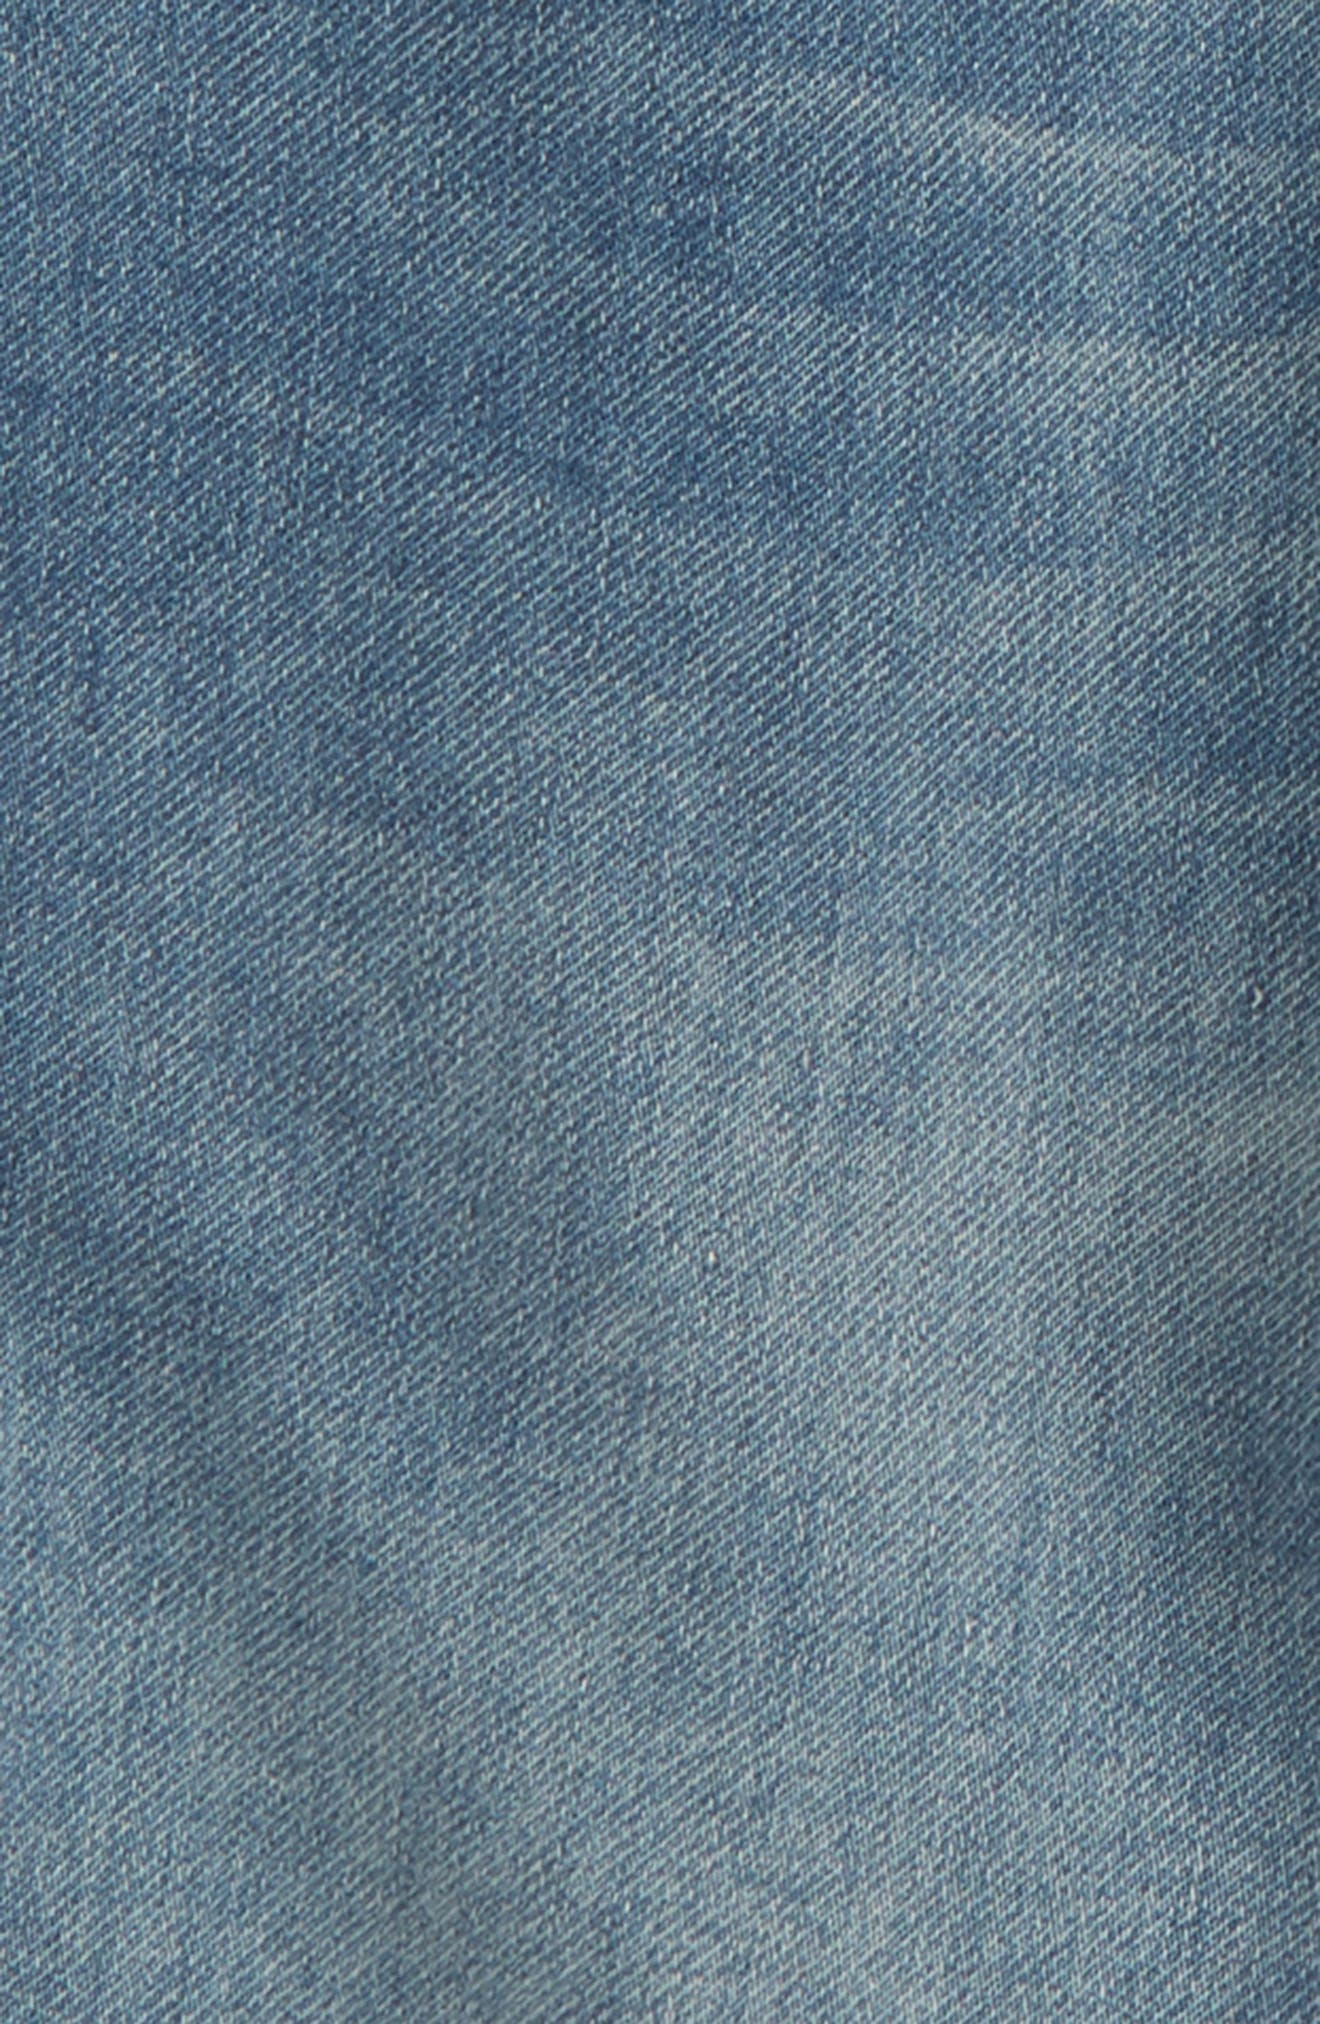 Denim Jogger Shorts,                             Alternate thumbnail 3, color,                             Lott Wash